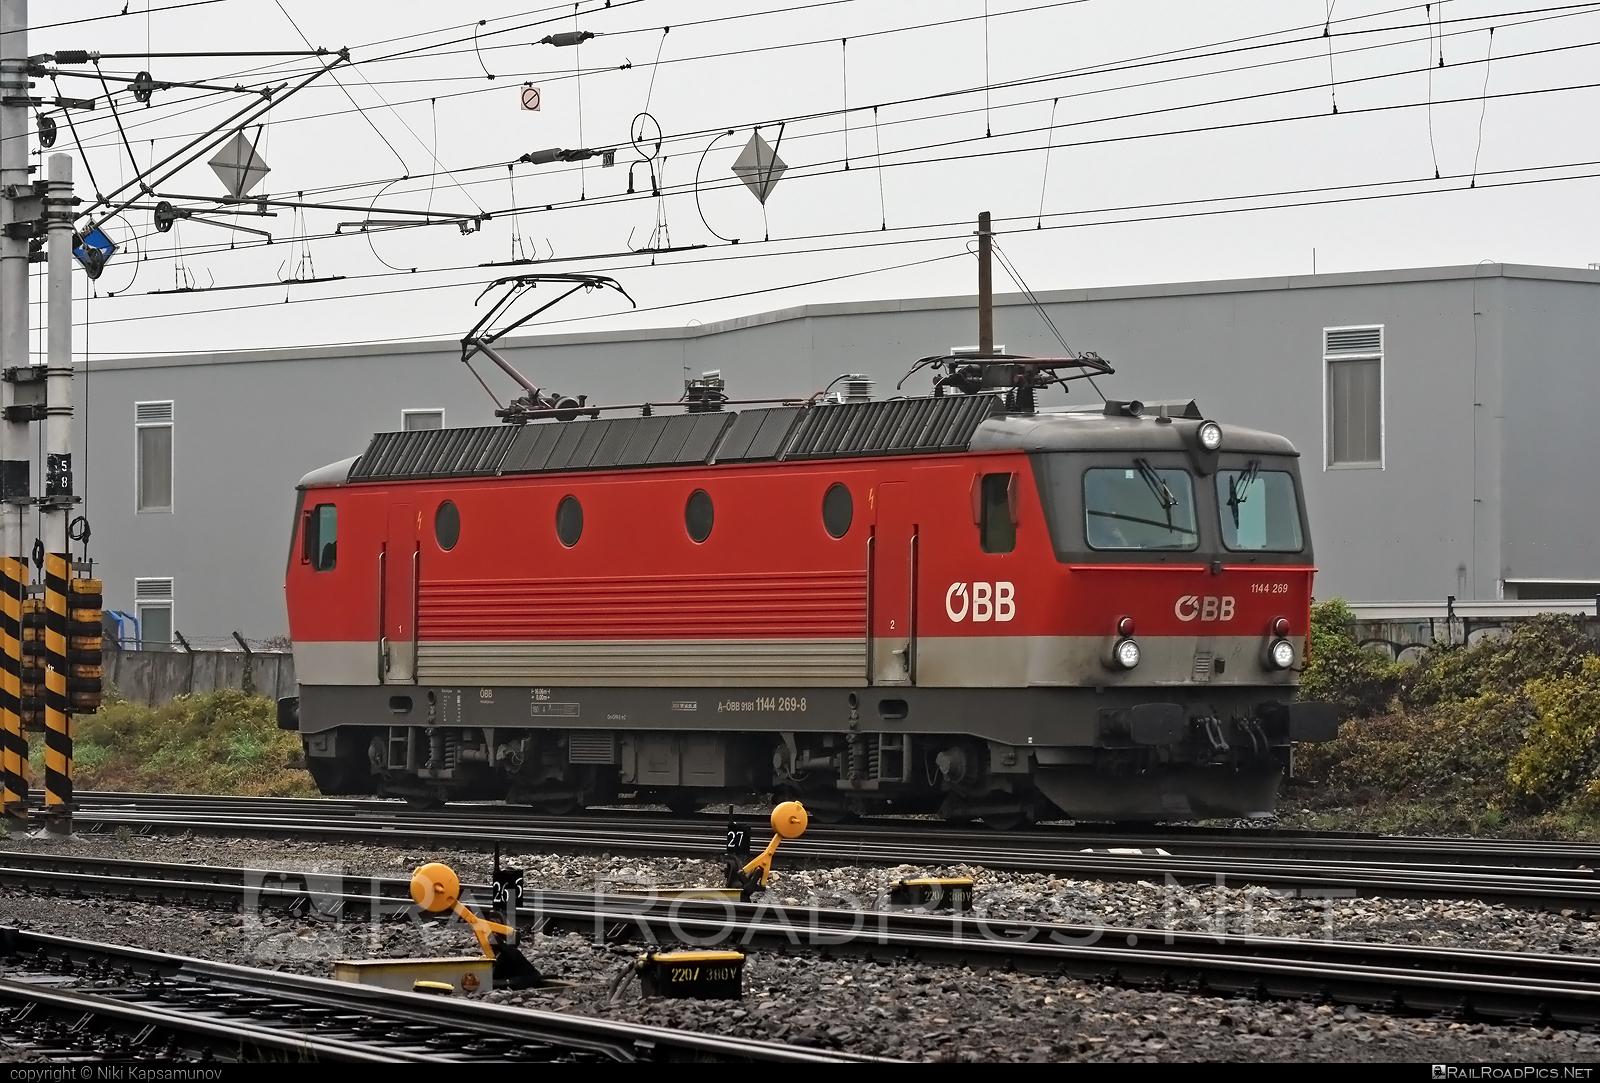 SGP ÖBB Class 1144 - 1144 269 operated by Rail Cargo Austria AG #obb #obbclass1144 #osterreichischebundesbahnen #sgp #sgp1144 #simmeringgrazpauker